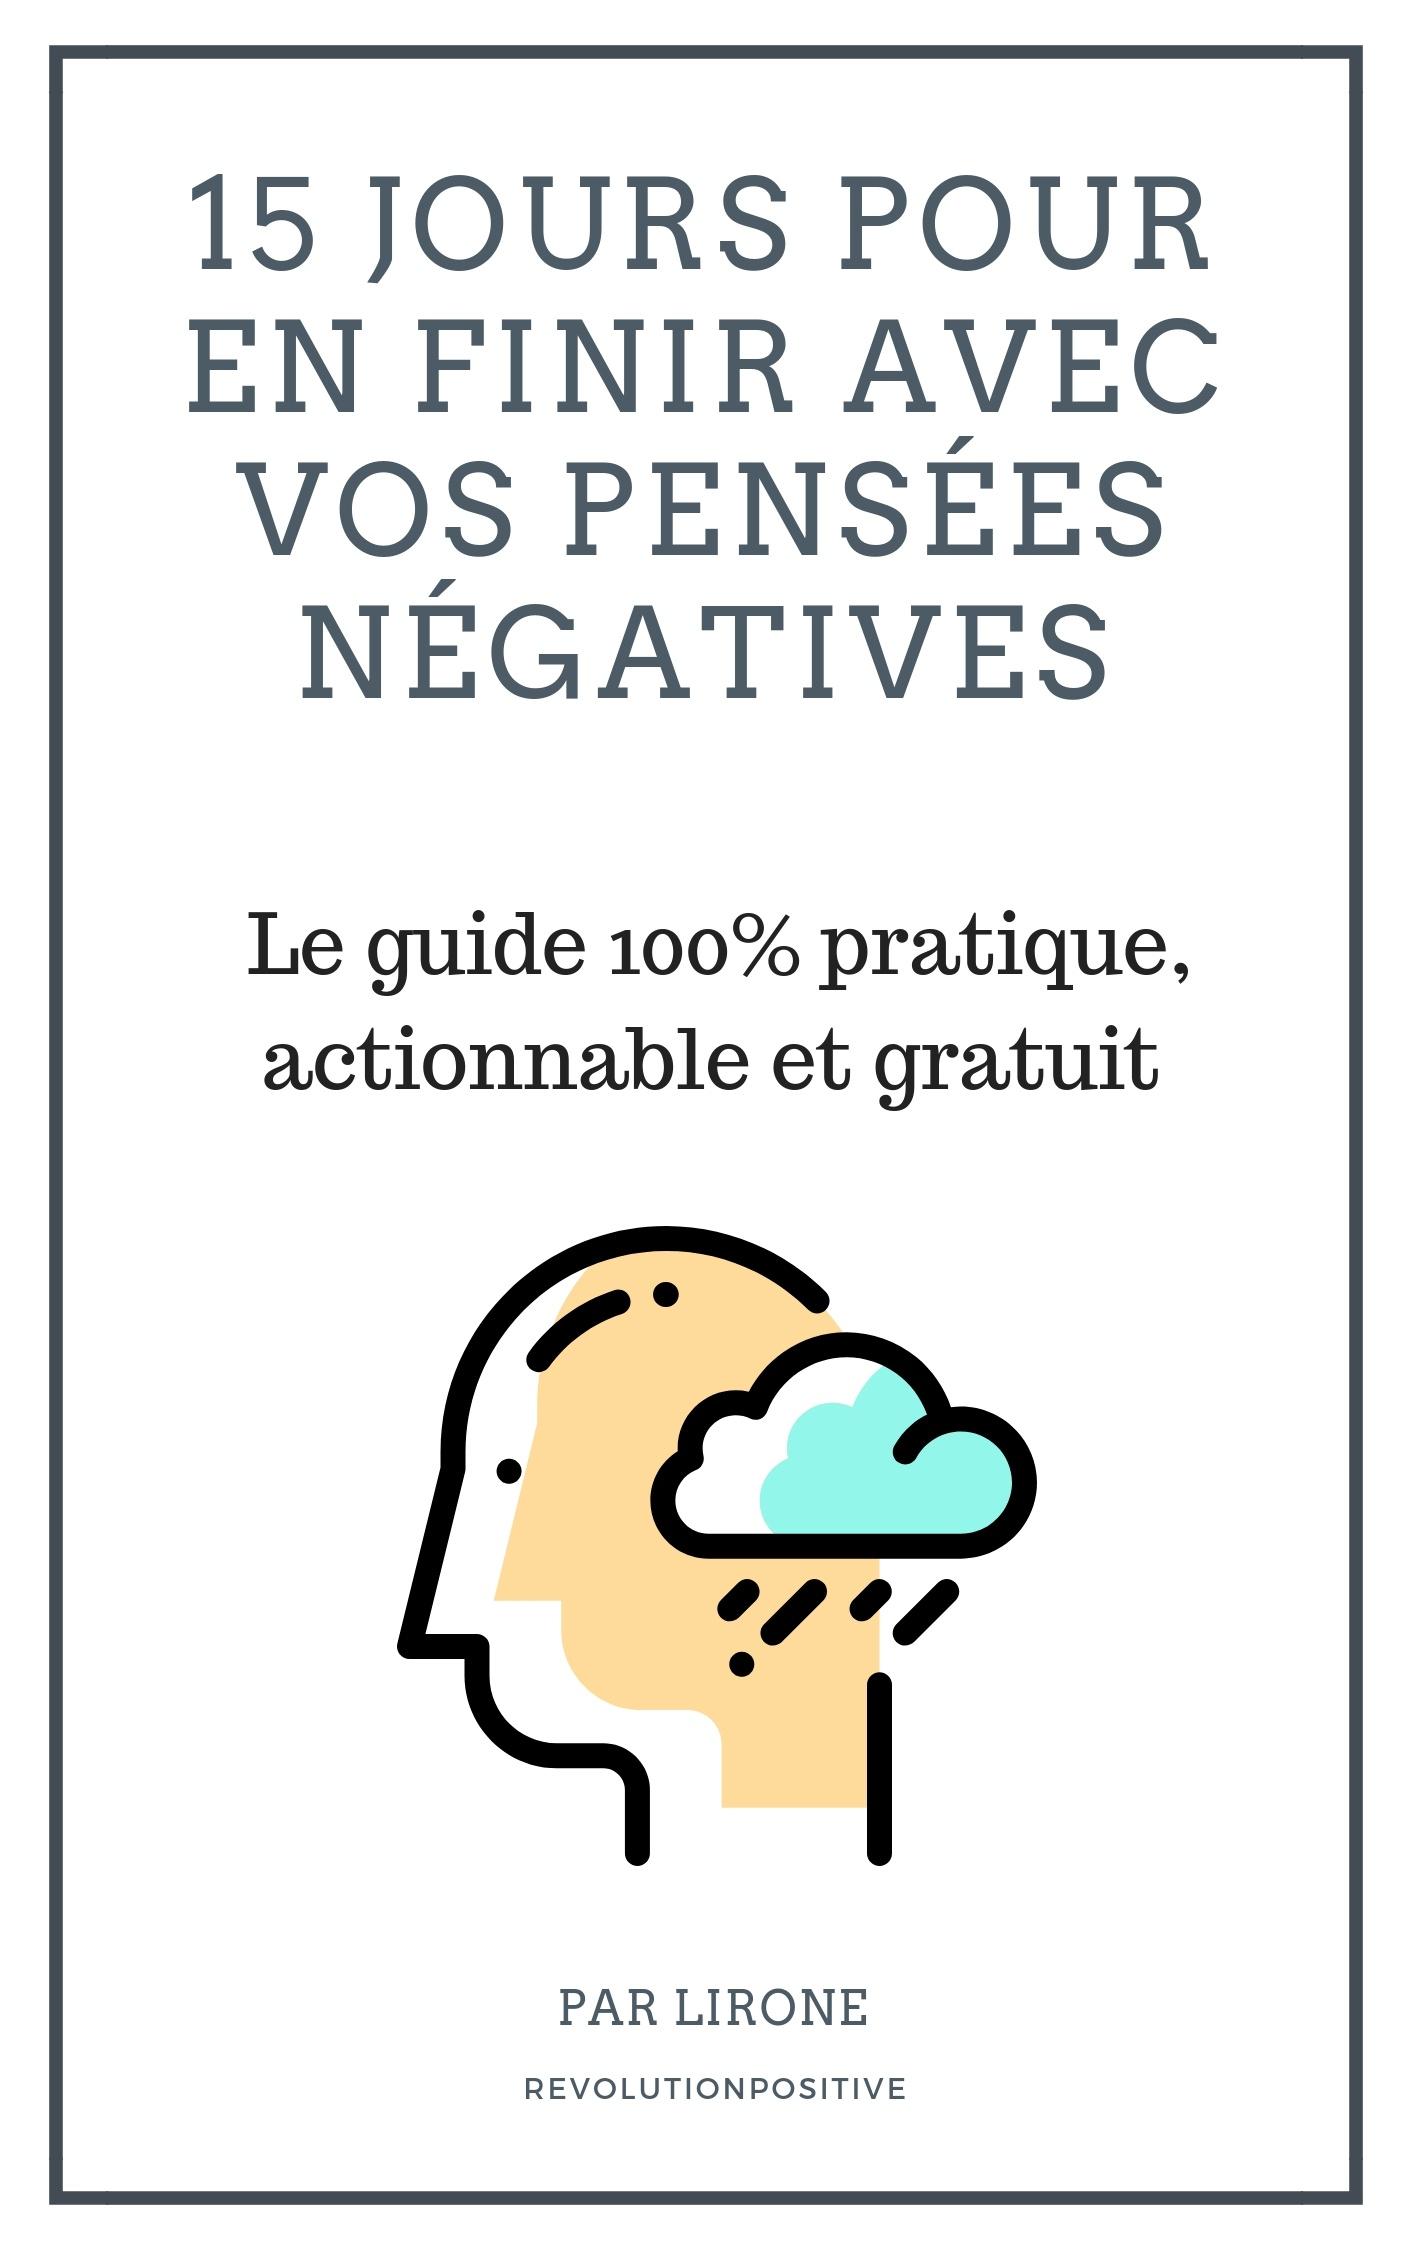 Formation gratuite pour arrêter de penser négativement